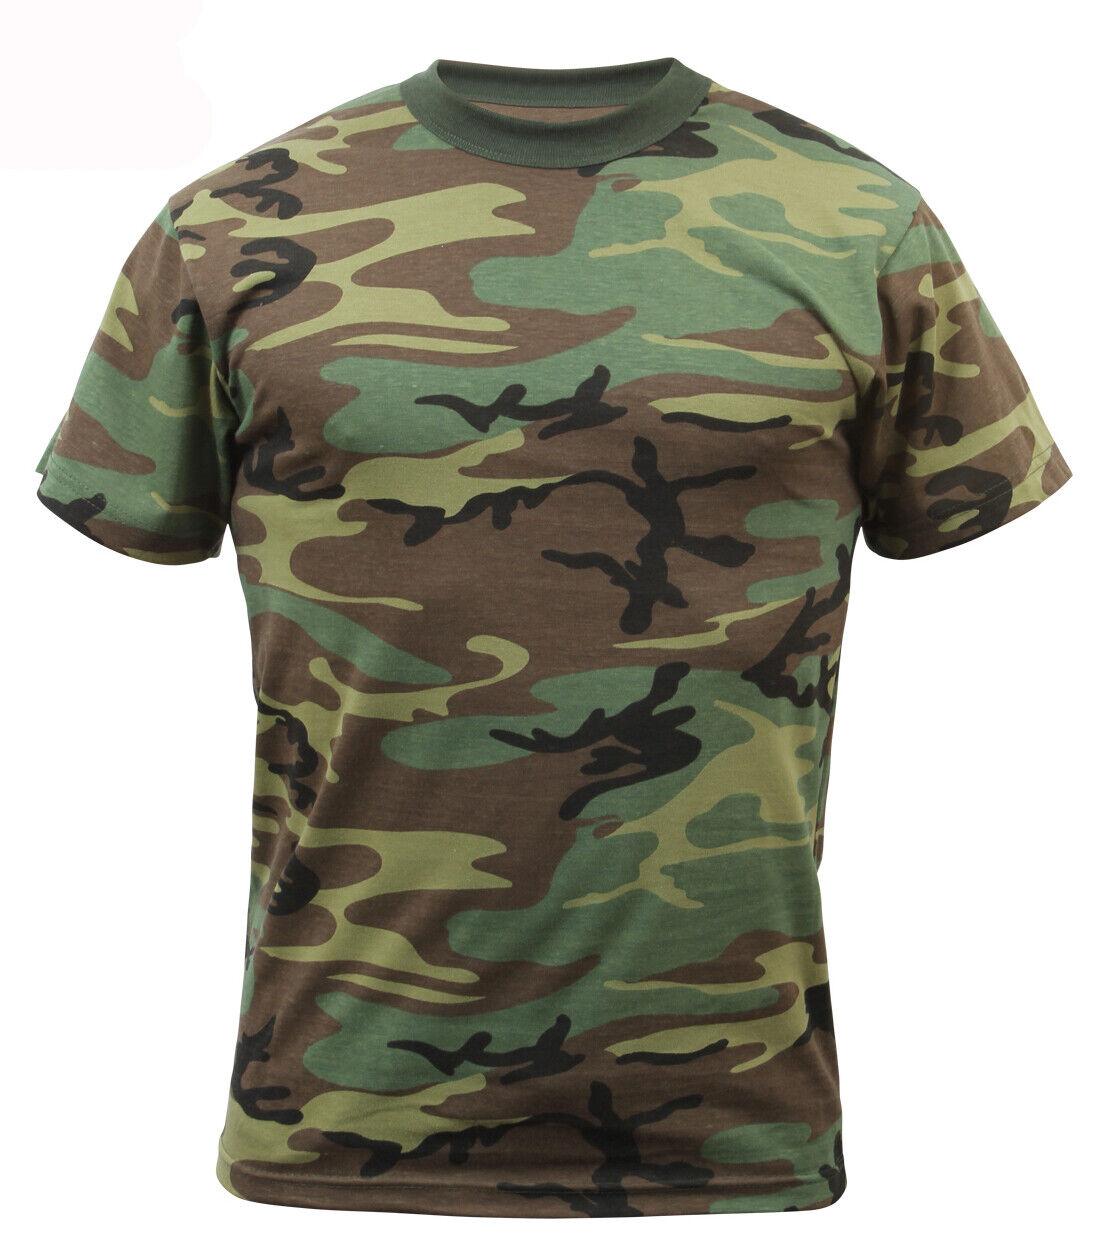 Kids Woodland Camo Boys T-shirt Camouflage Tee Shirt Rothco